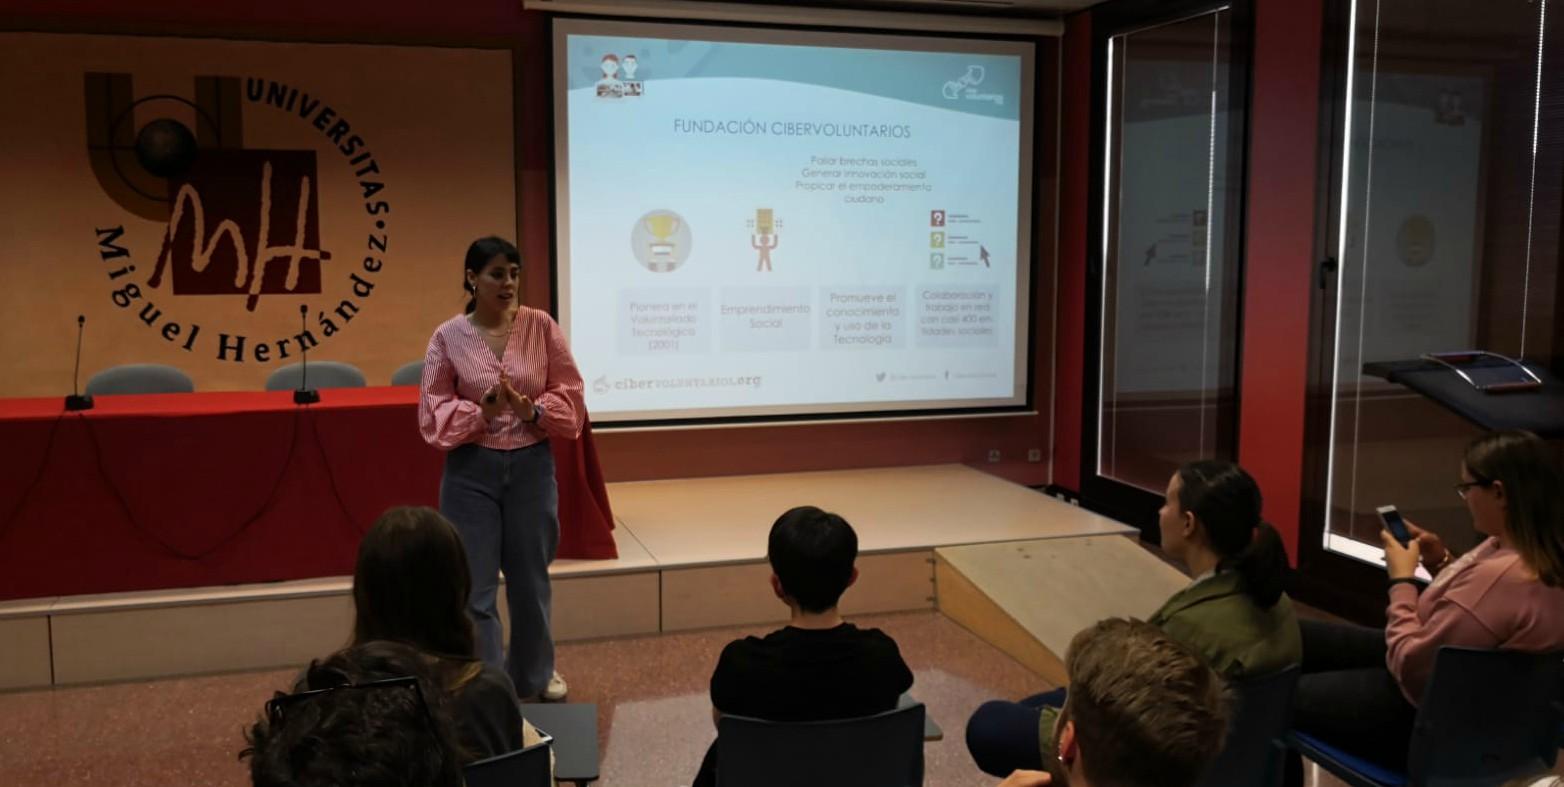 Intercambio de experiencias en cibervoluntariado e innovación social con los alumnos de la Universidad Miguel Hernández